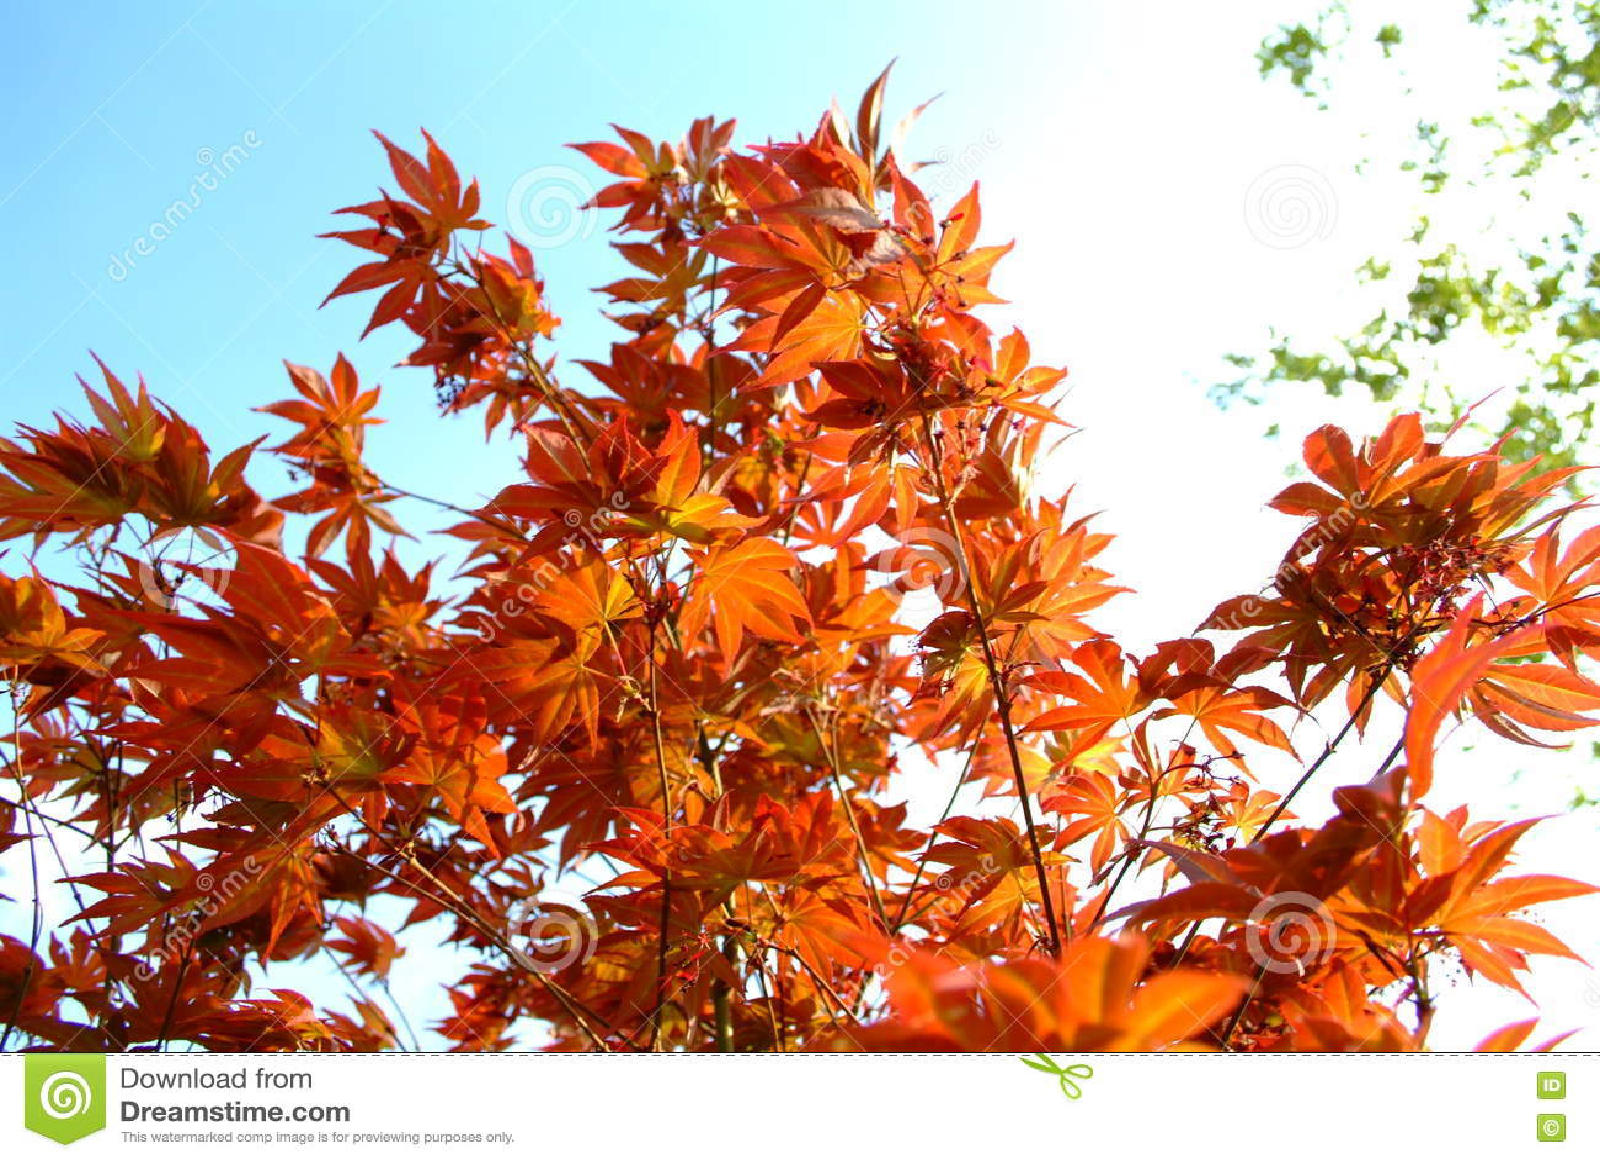 Arce japonés rojo